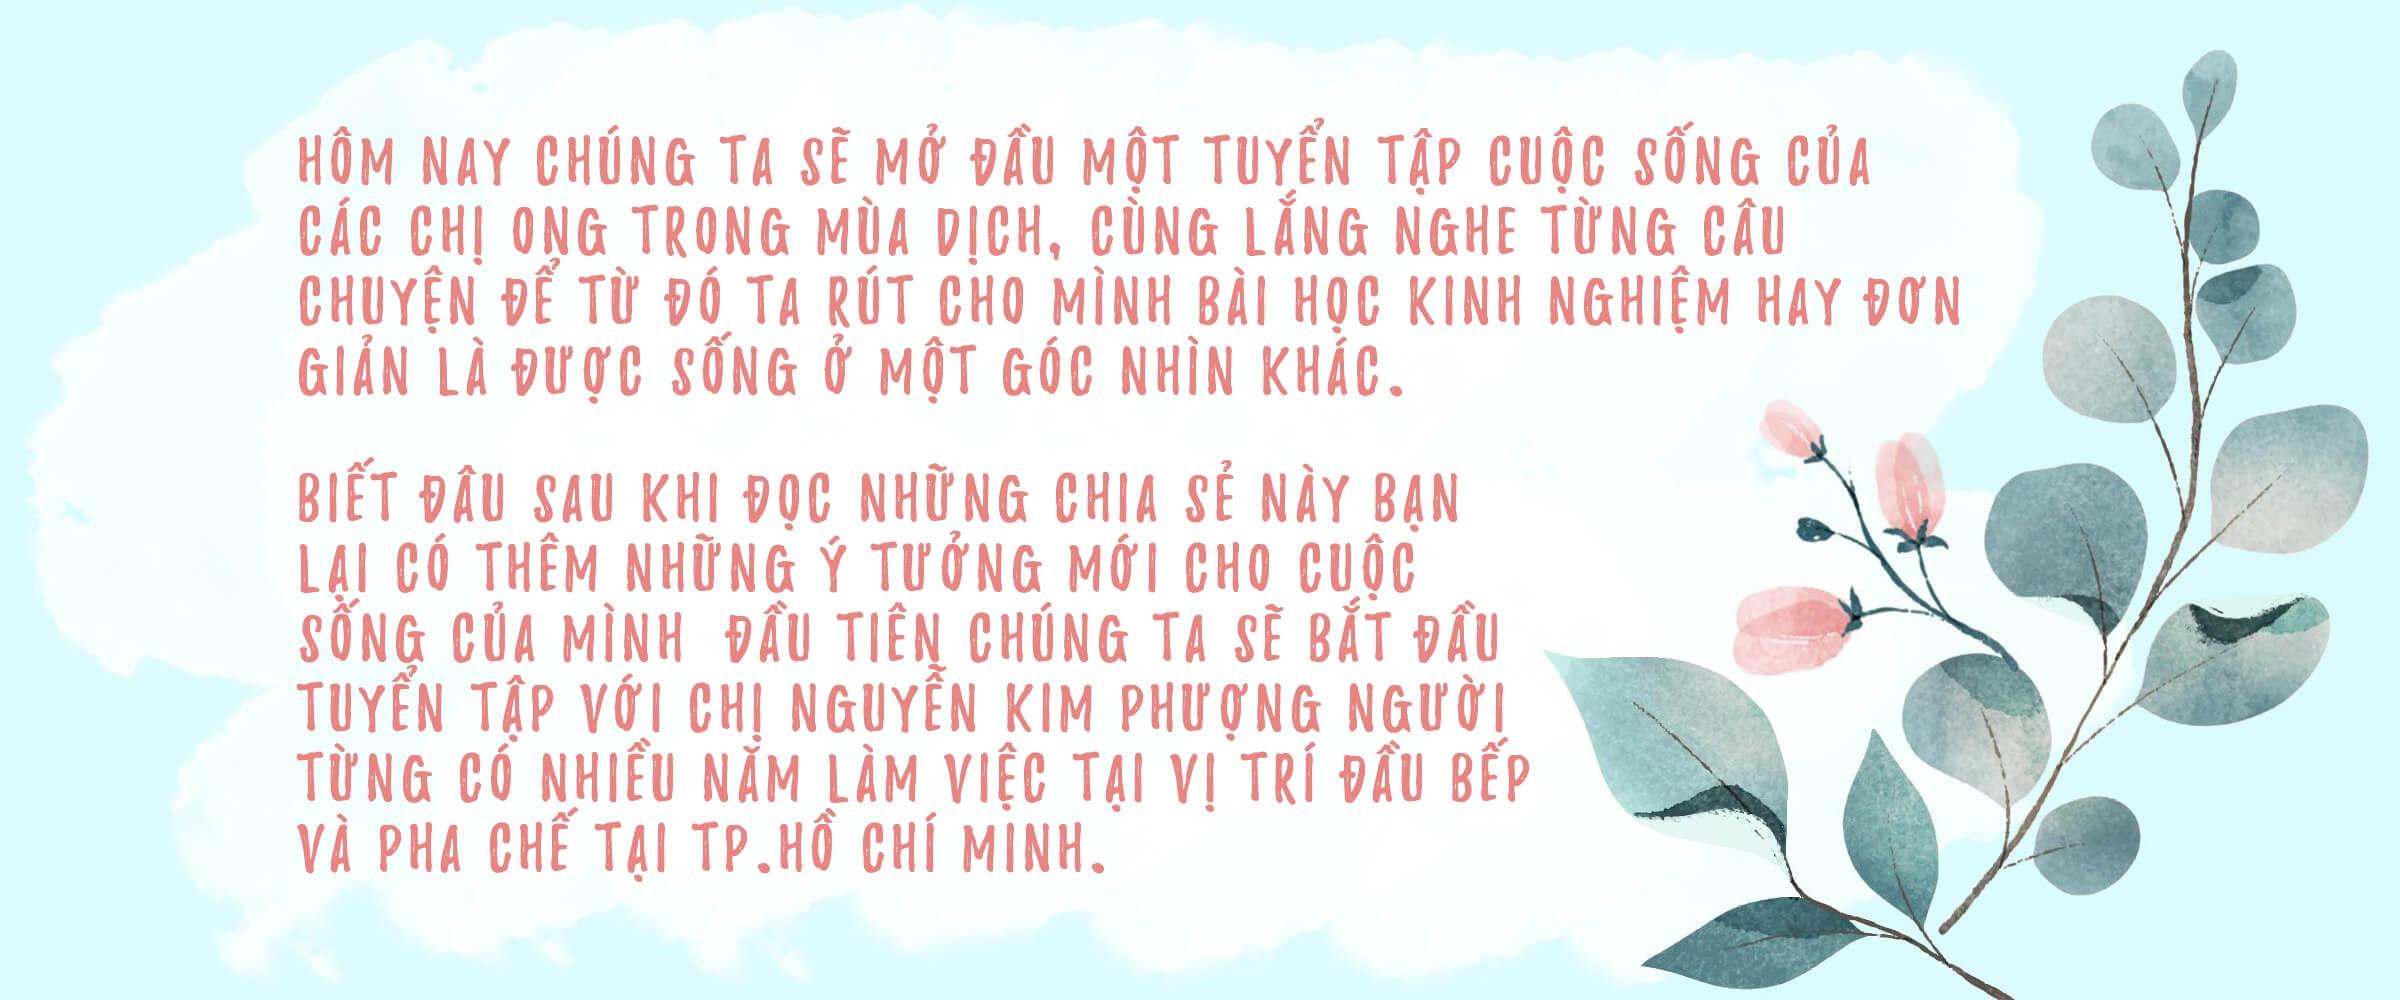 headline-nguyen-thi-phuong-210928